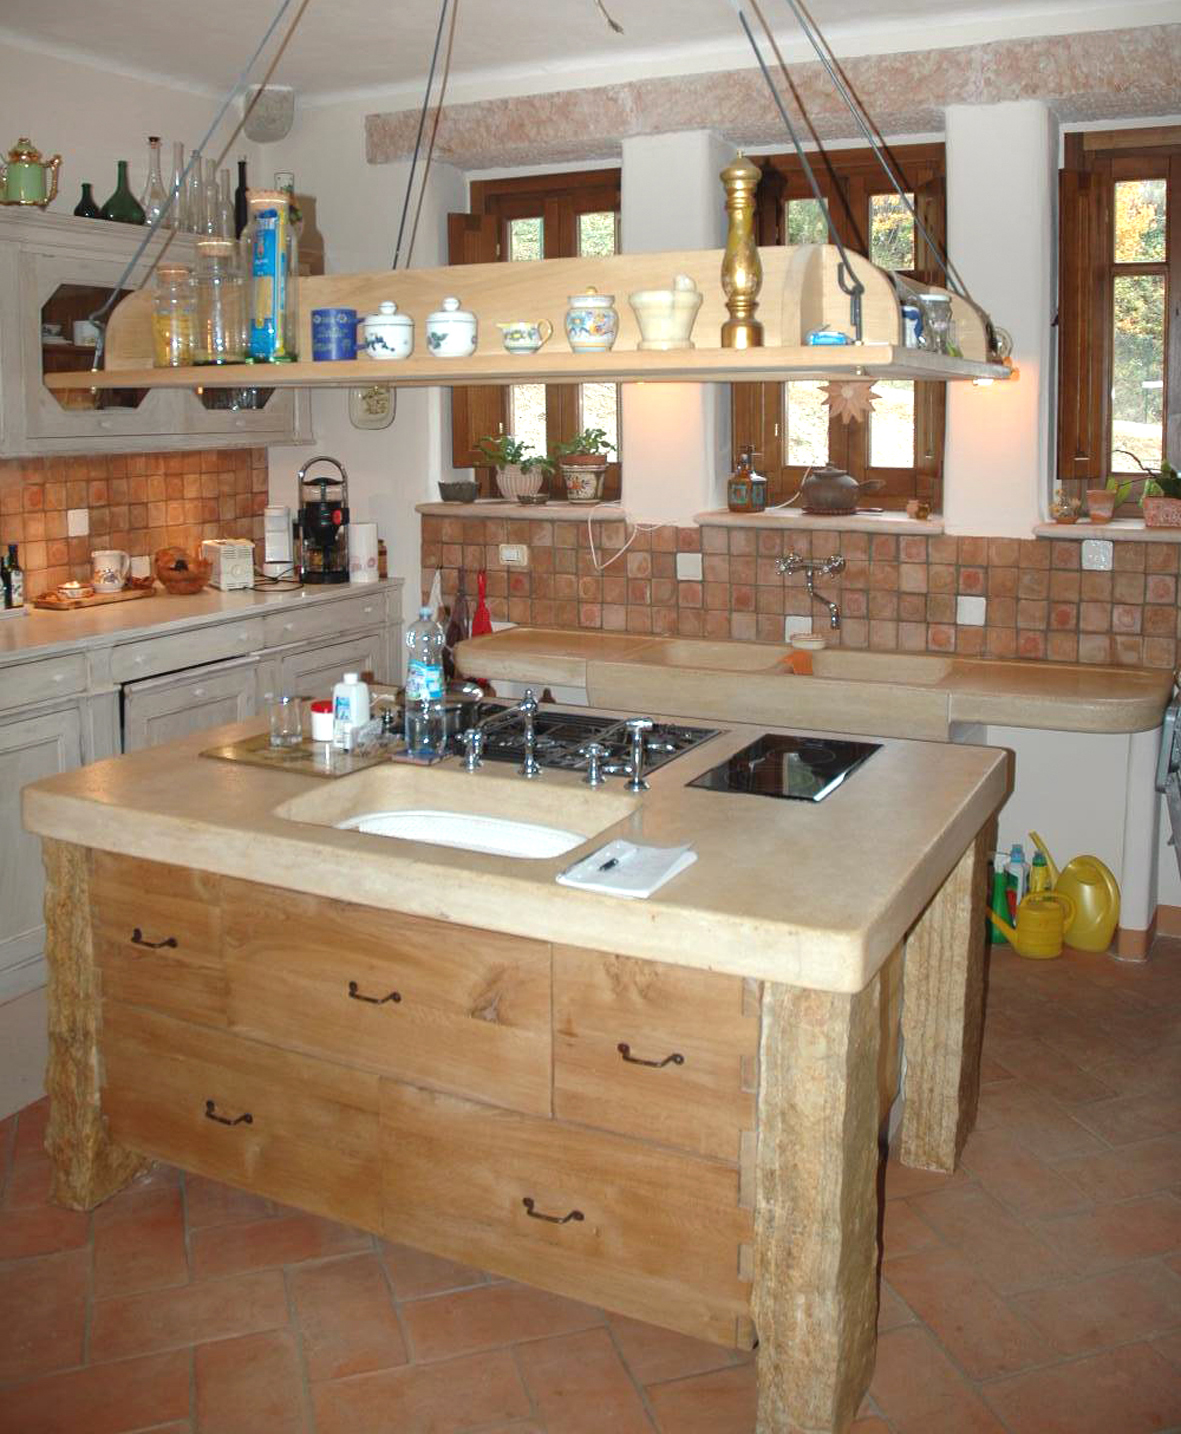 Cucine garden house lazzerini for Cucine pinterest